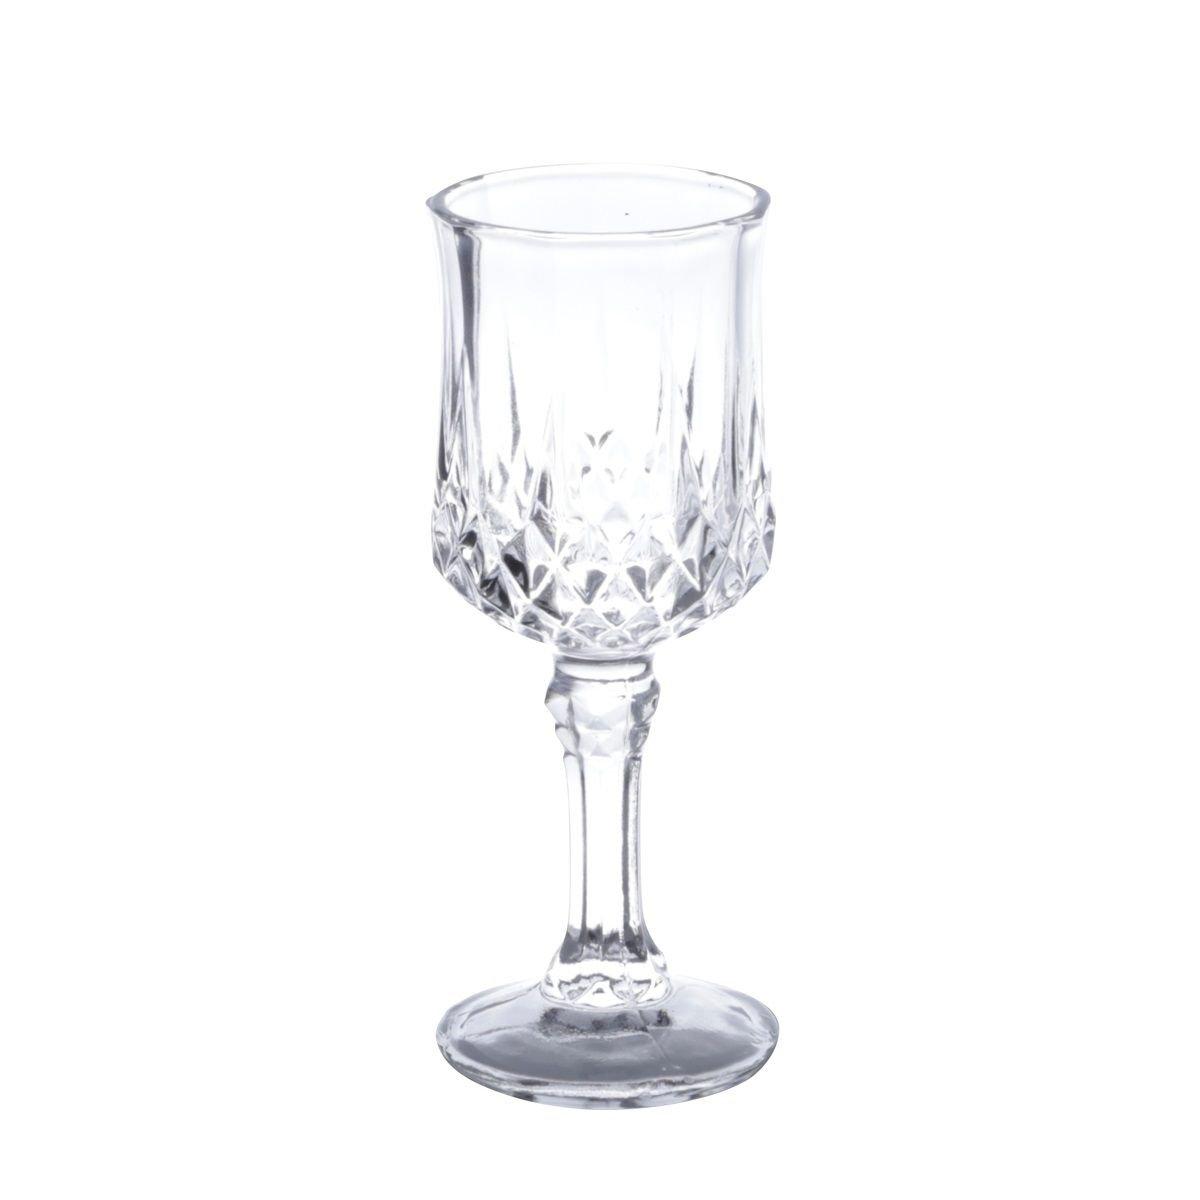 Jogo 6 taças 60ml para licor de vidro transparente Diamante Lyor - L6551